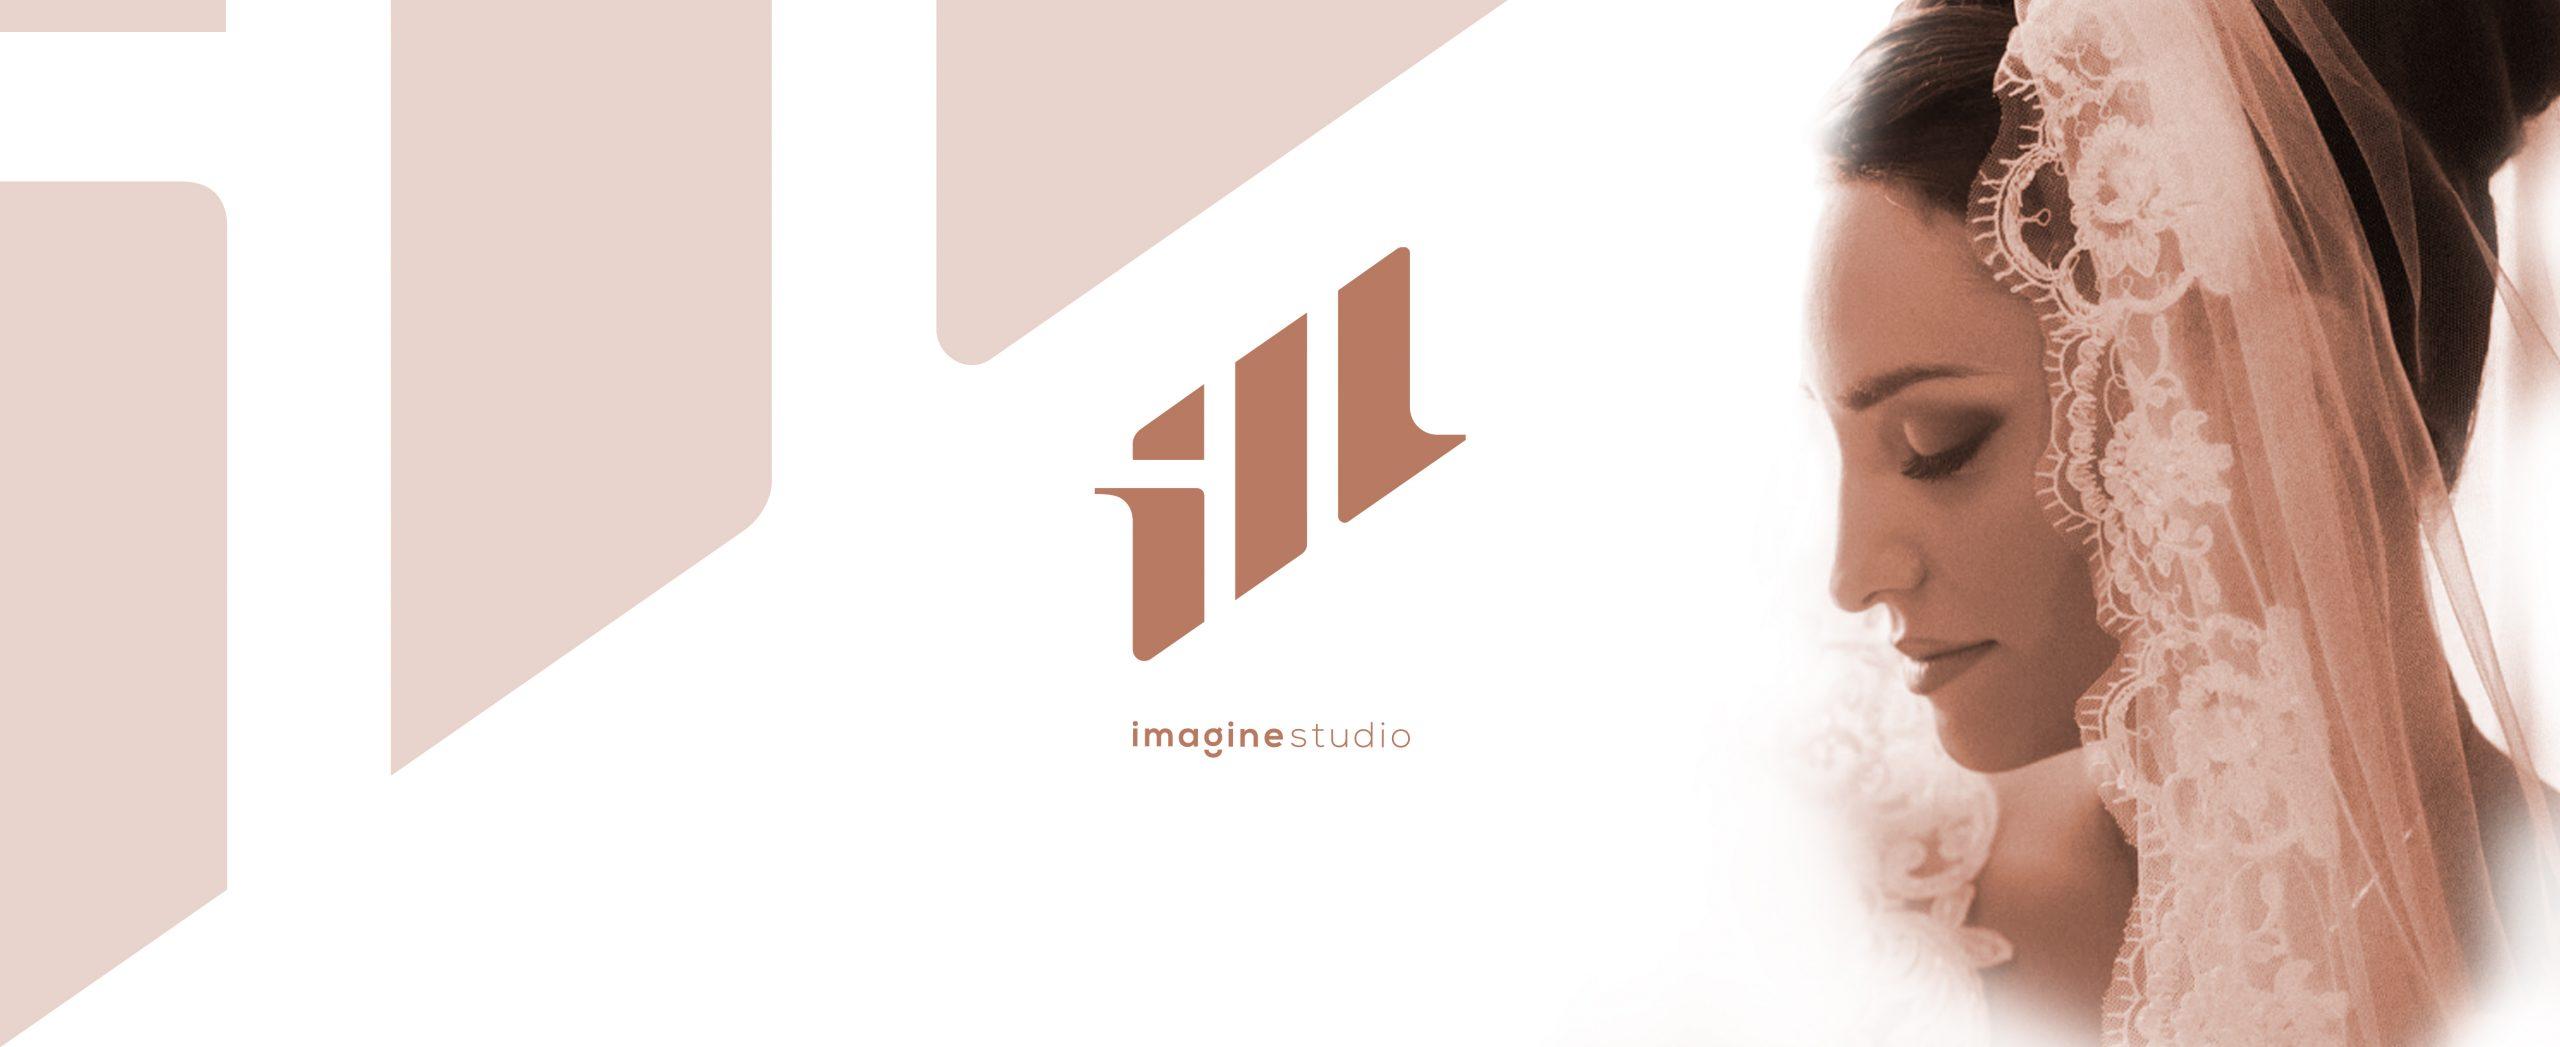 imagine studio